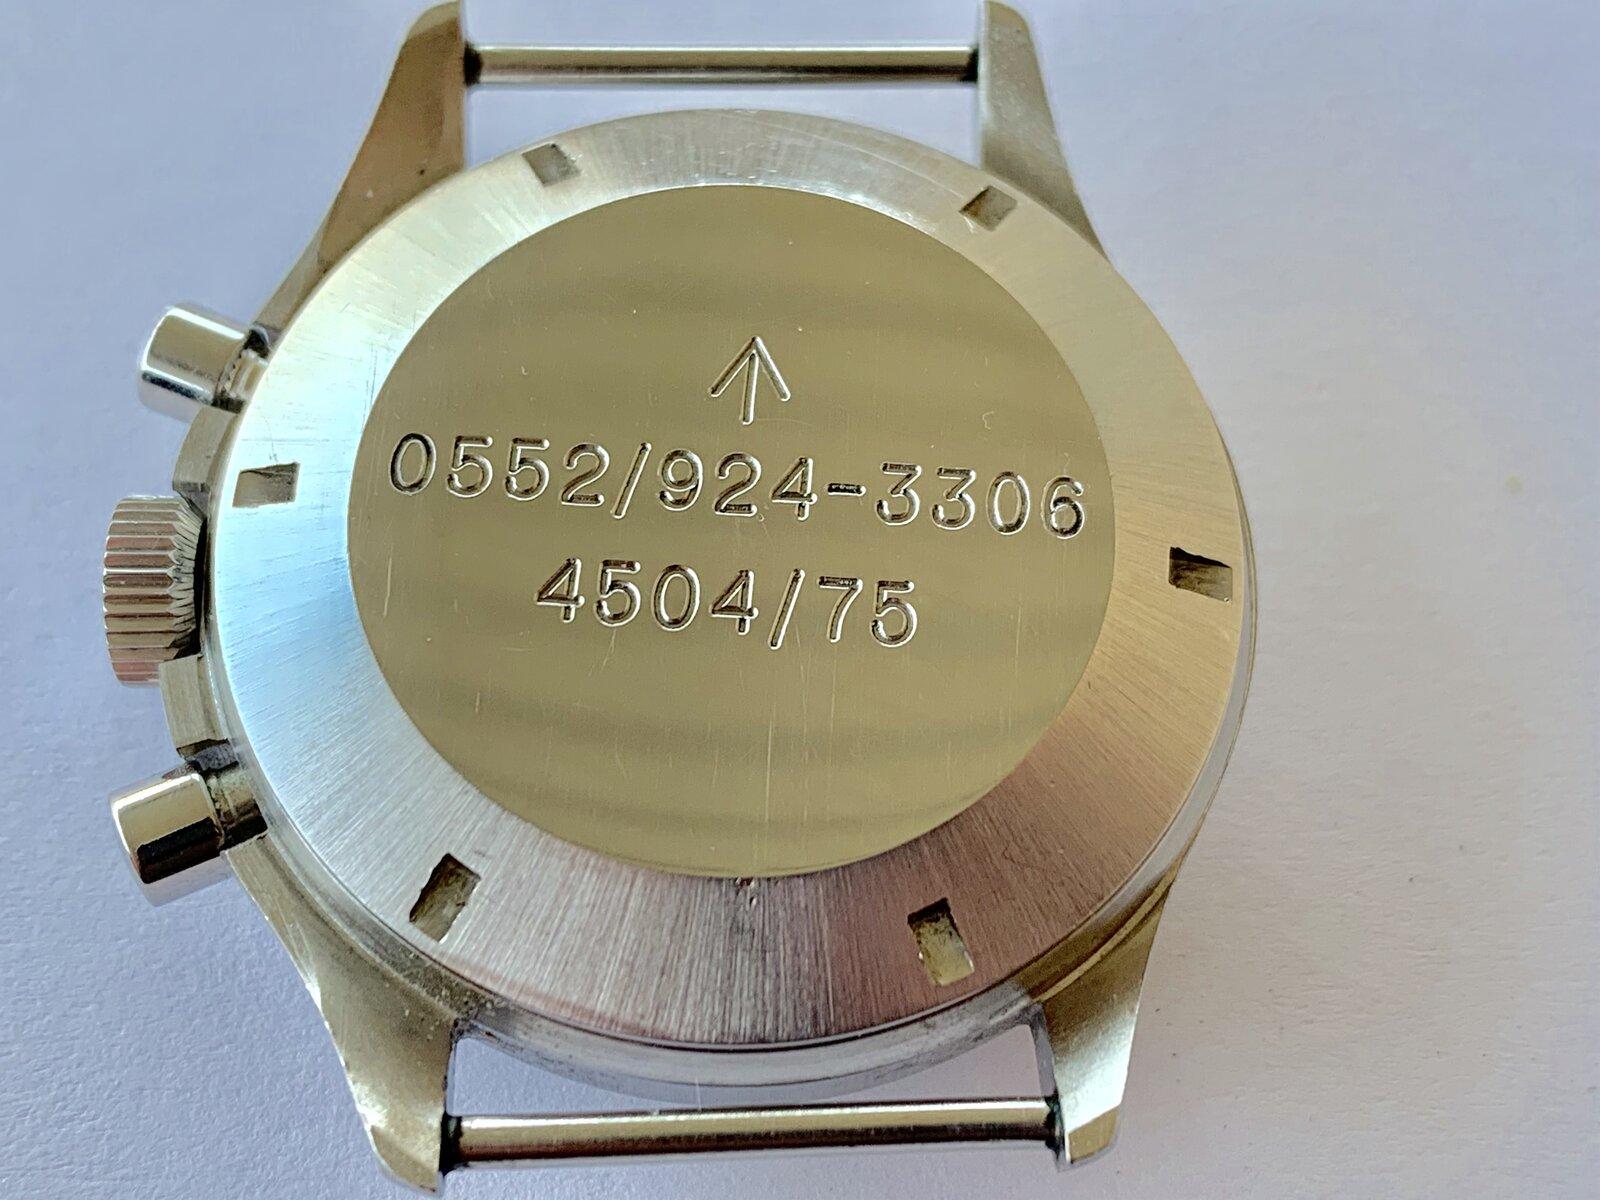 7636A98B-2E93-4E8A-9A32-CD983FC0B748.